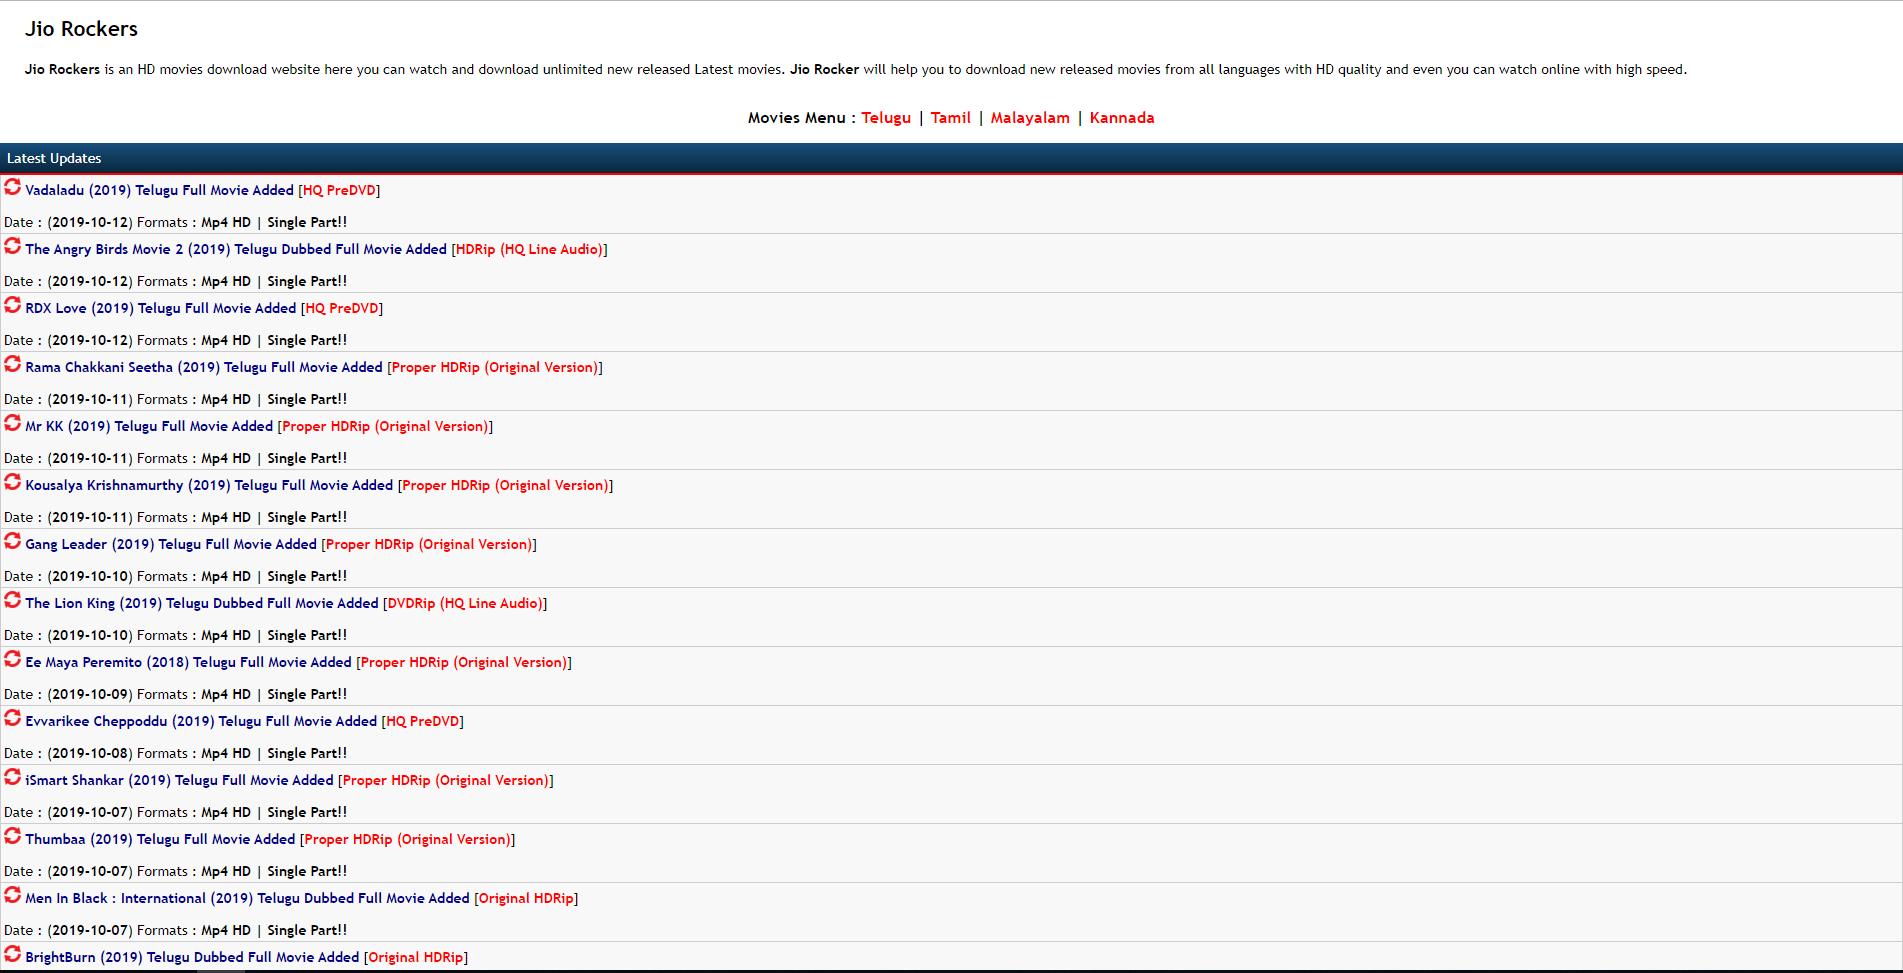 jiorockers homepage